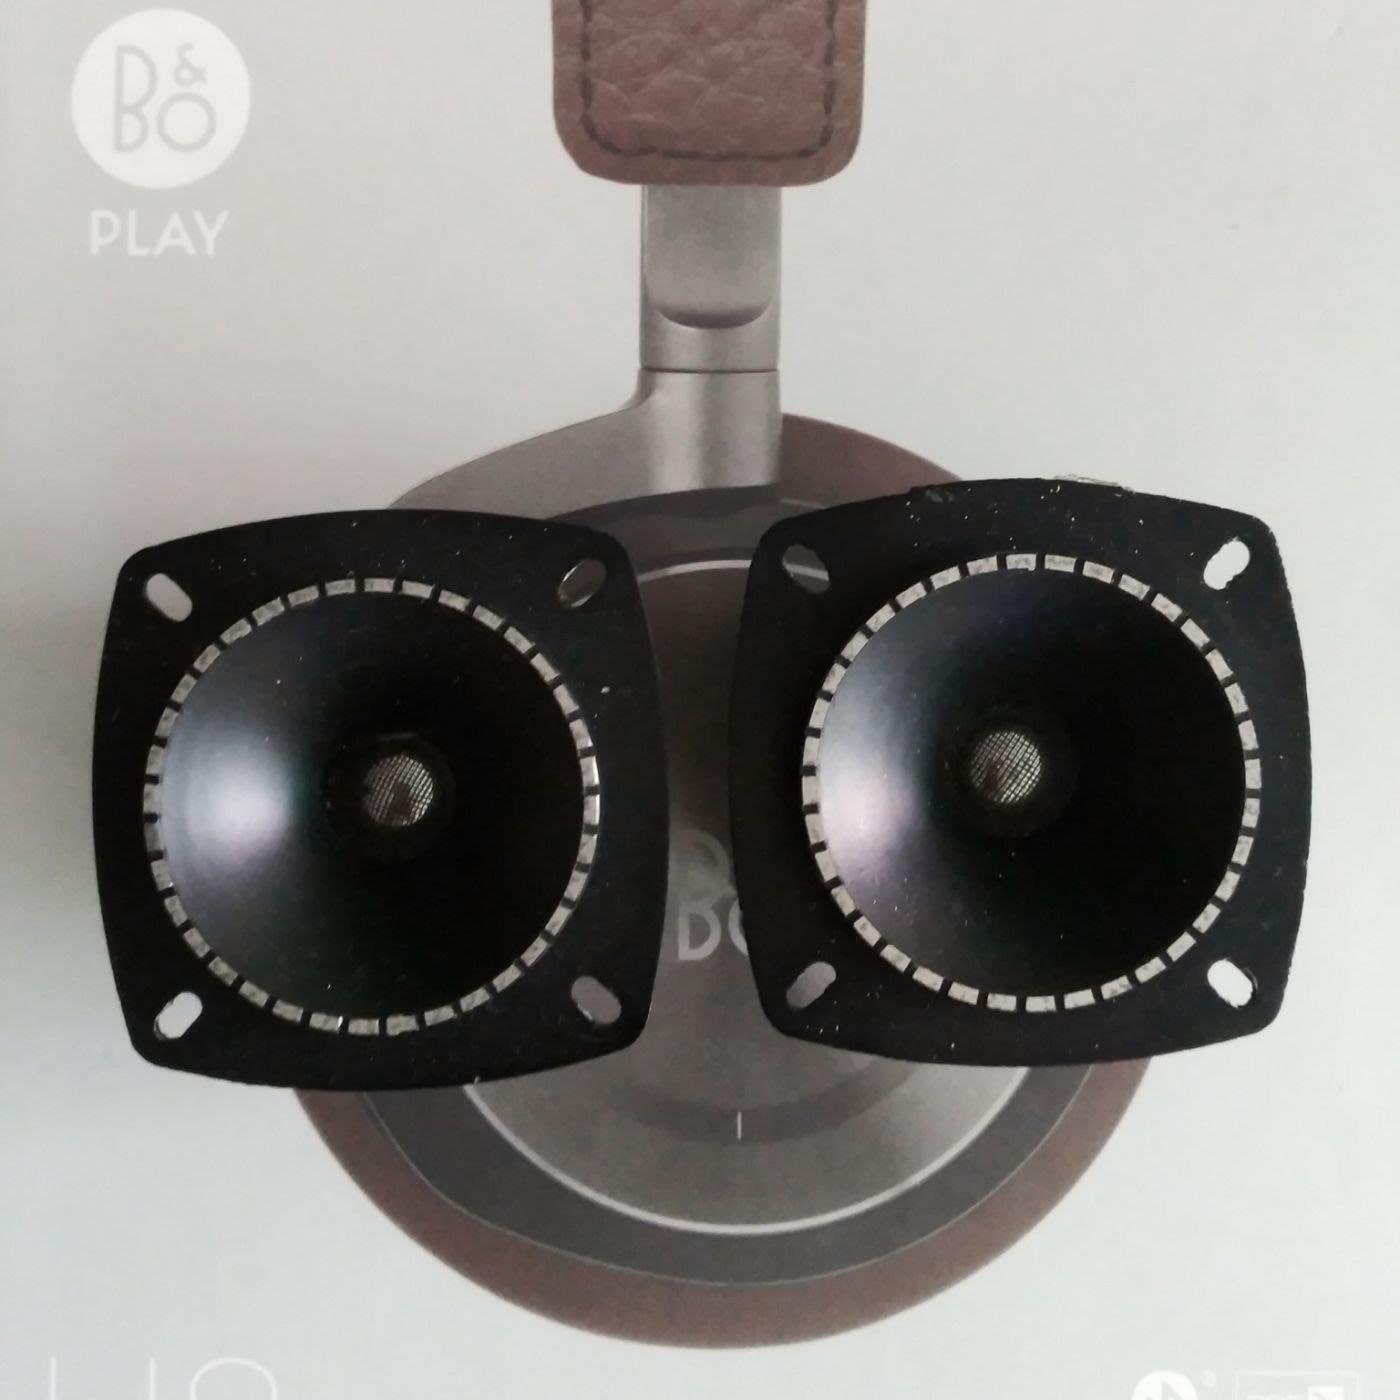 日本製Technics EAS-5HH17H 5吋號角高音經典喇叭單體8歐姆輸入25瓦